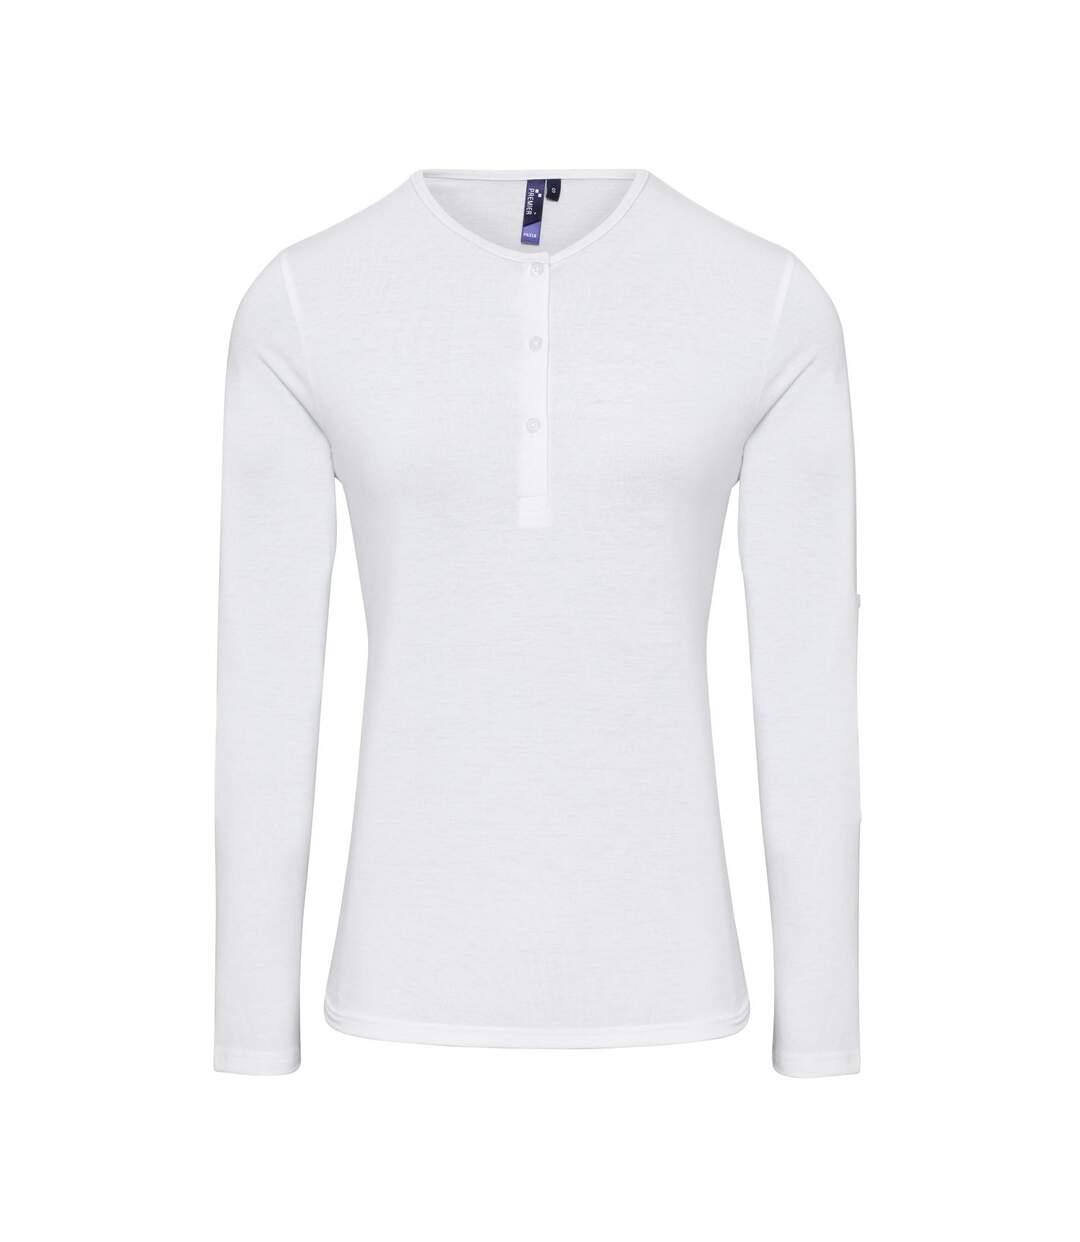 Dégagement T-shirt henley manches retroussables Femme PR318 blanc dsf.d455nksdKLFHG